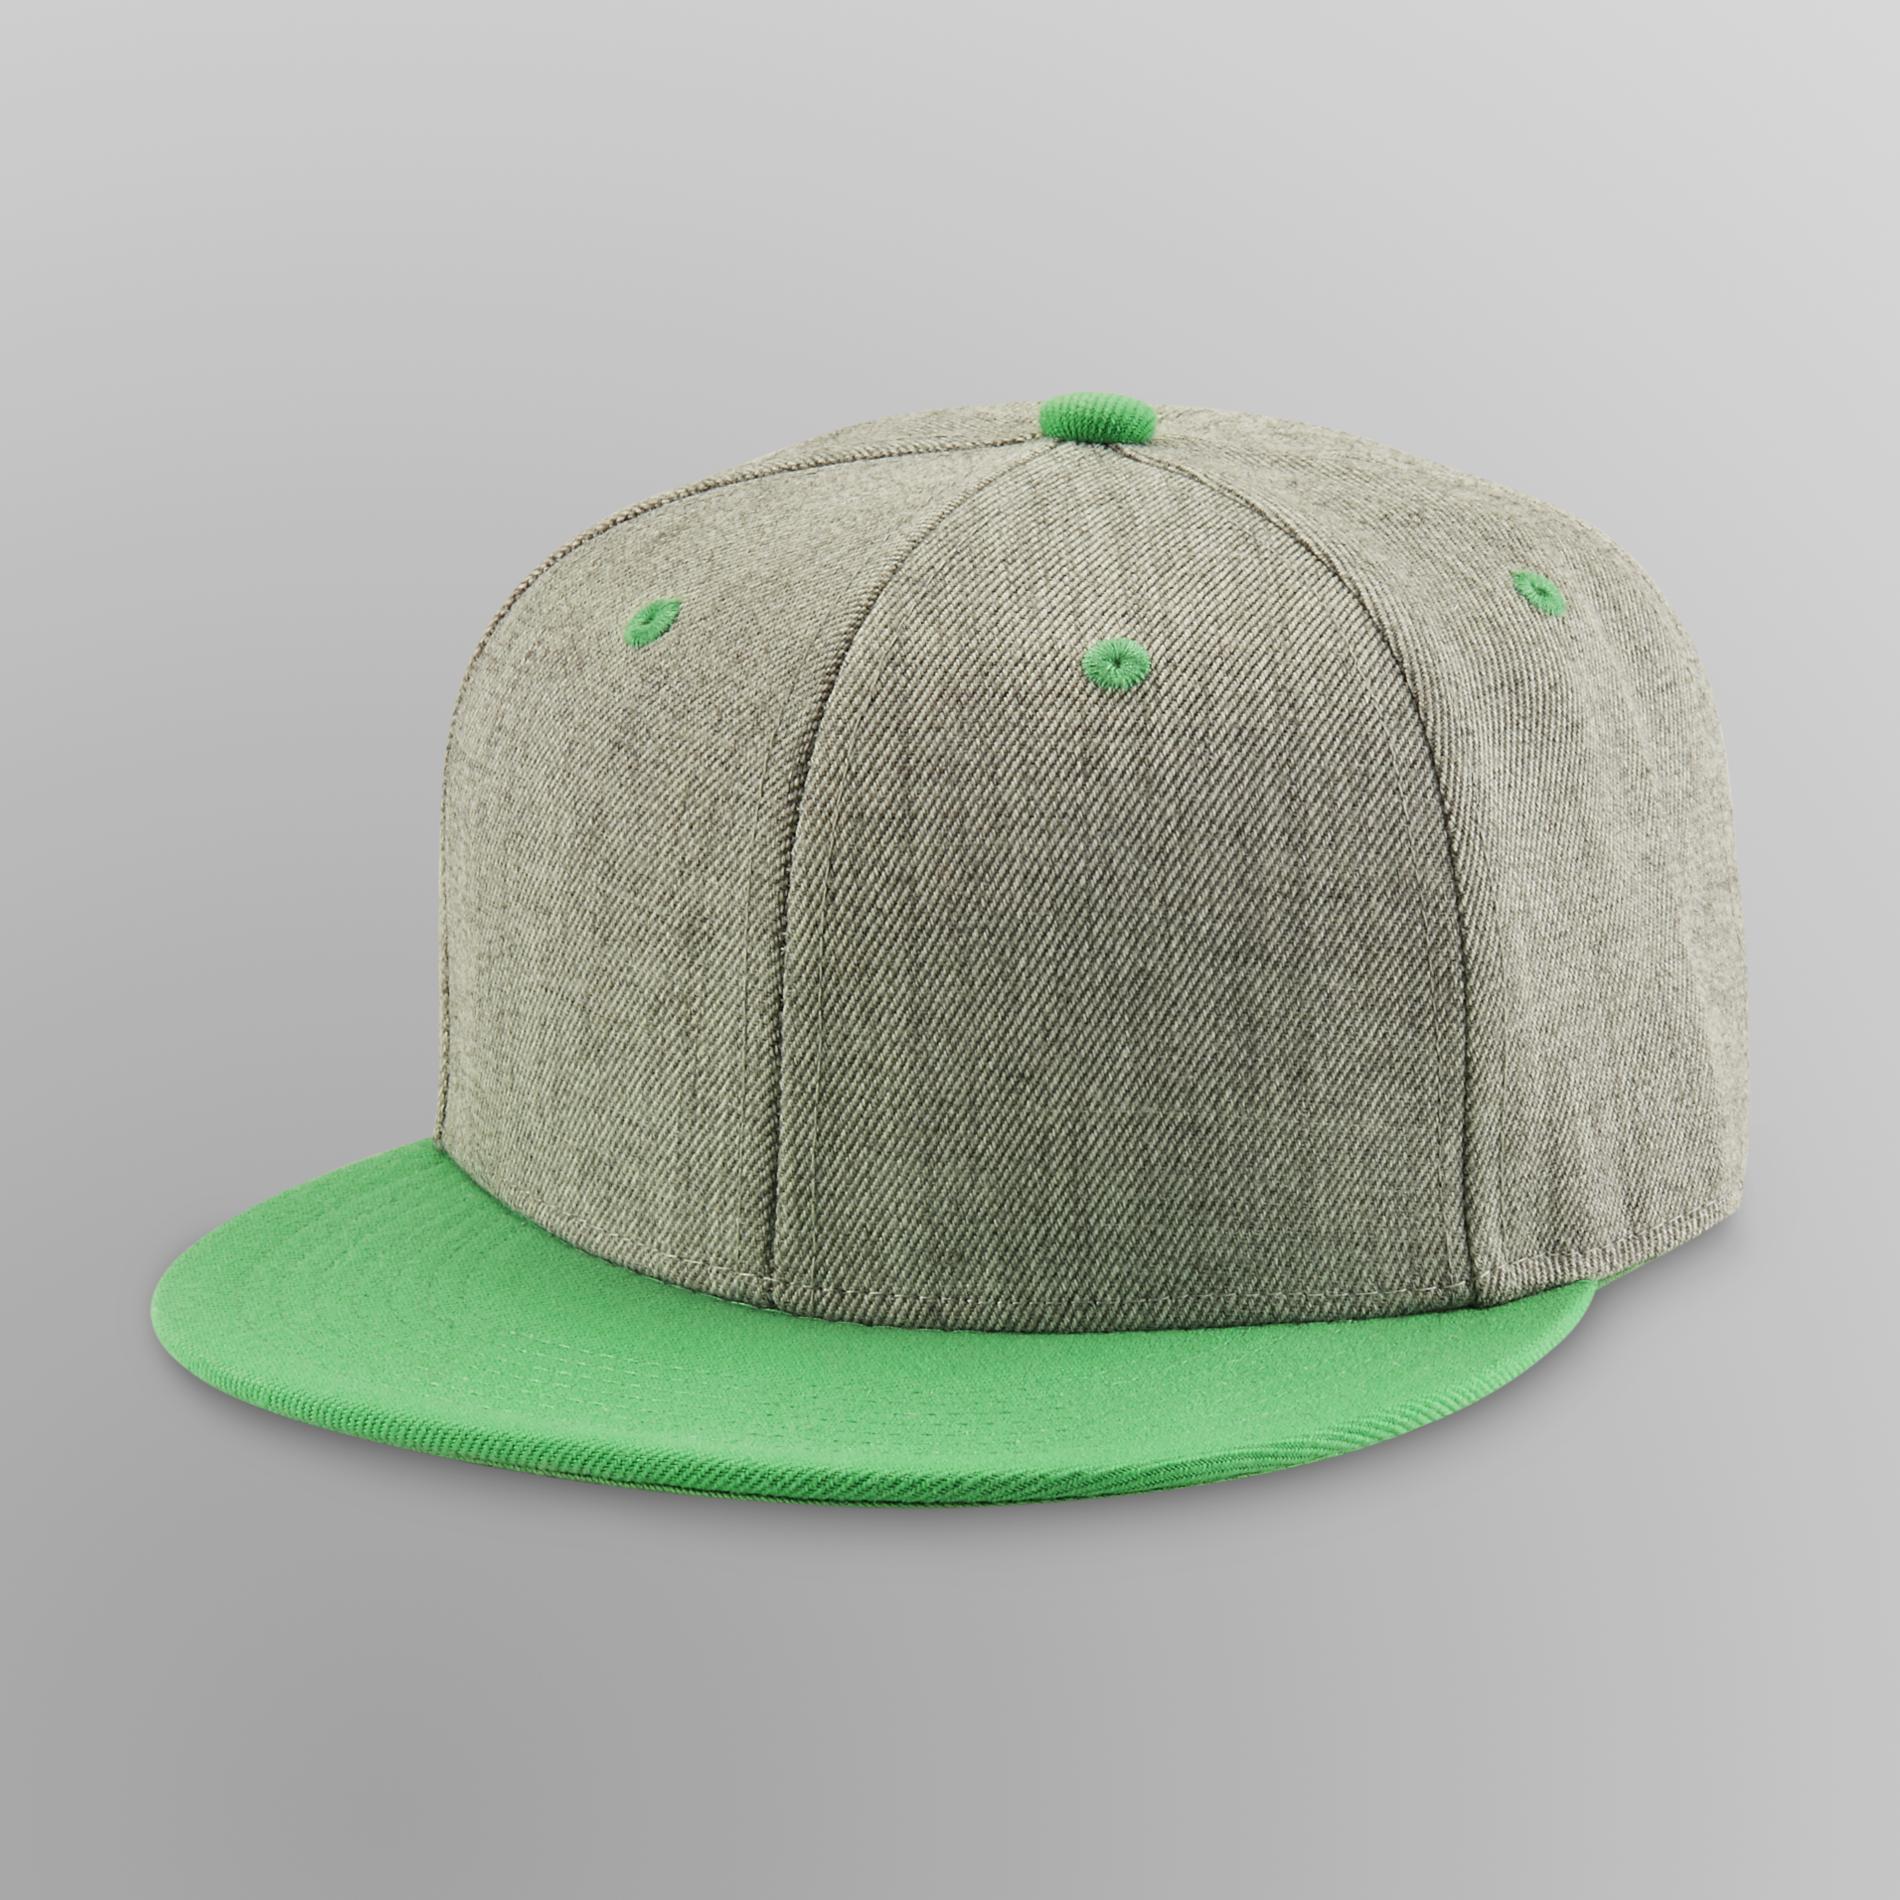 Amplify Young Men's Baseball Cap - Flat Bill at Kmart.com